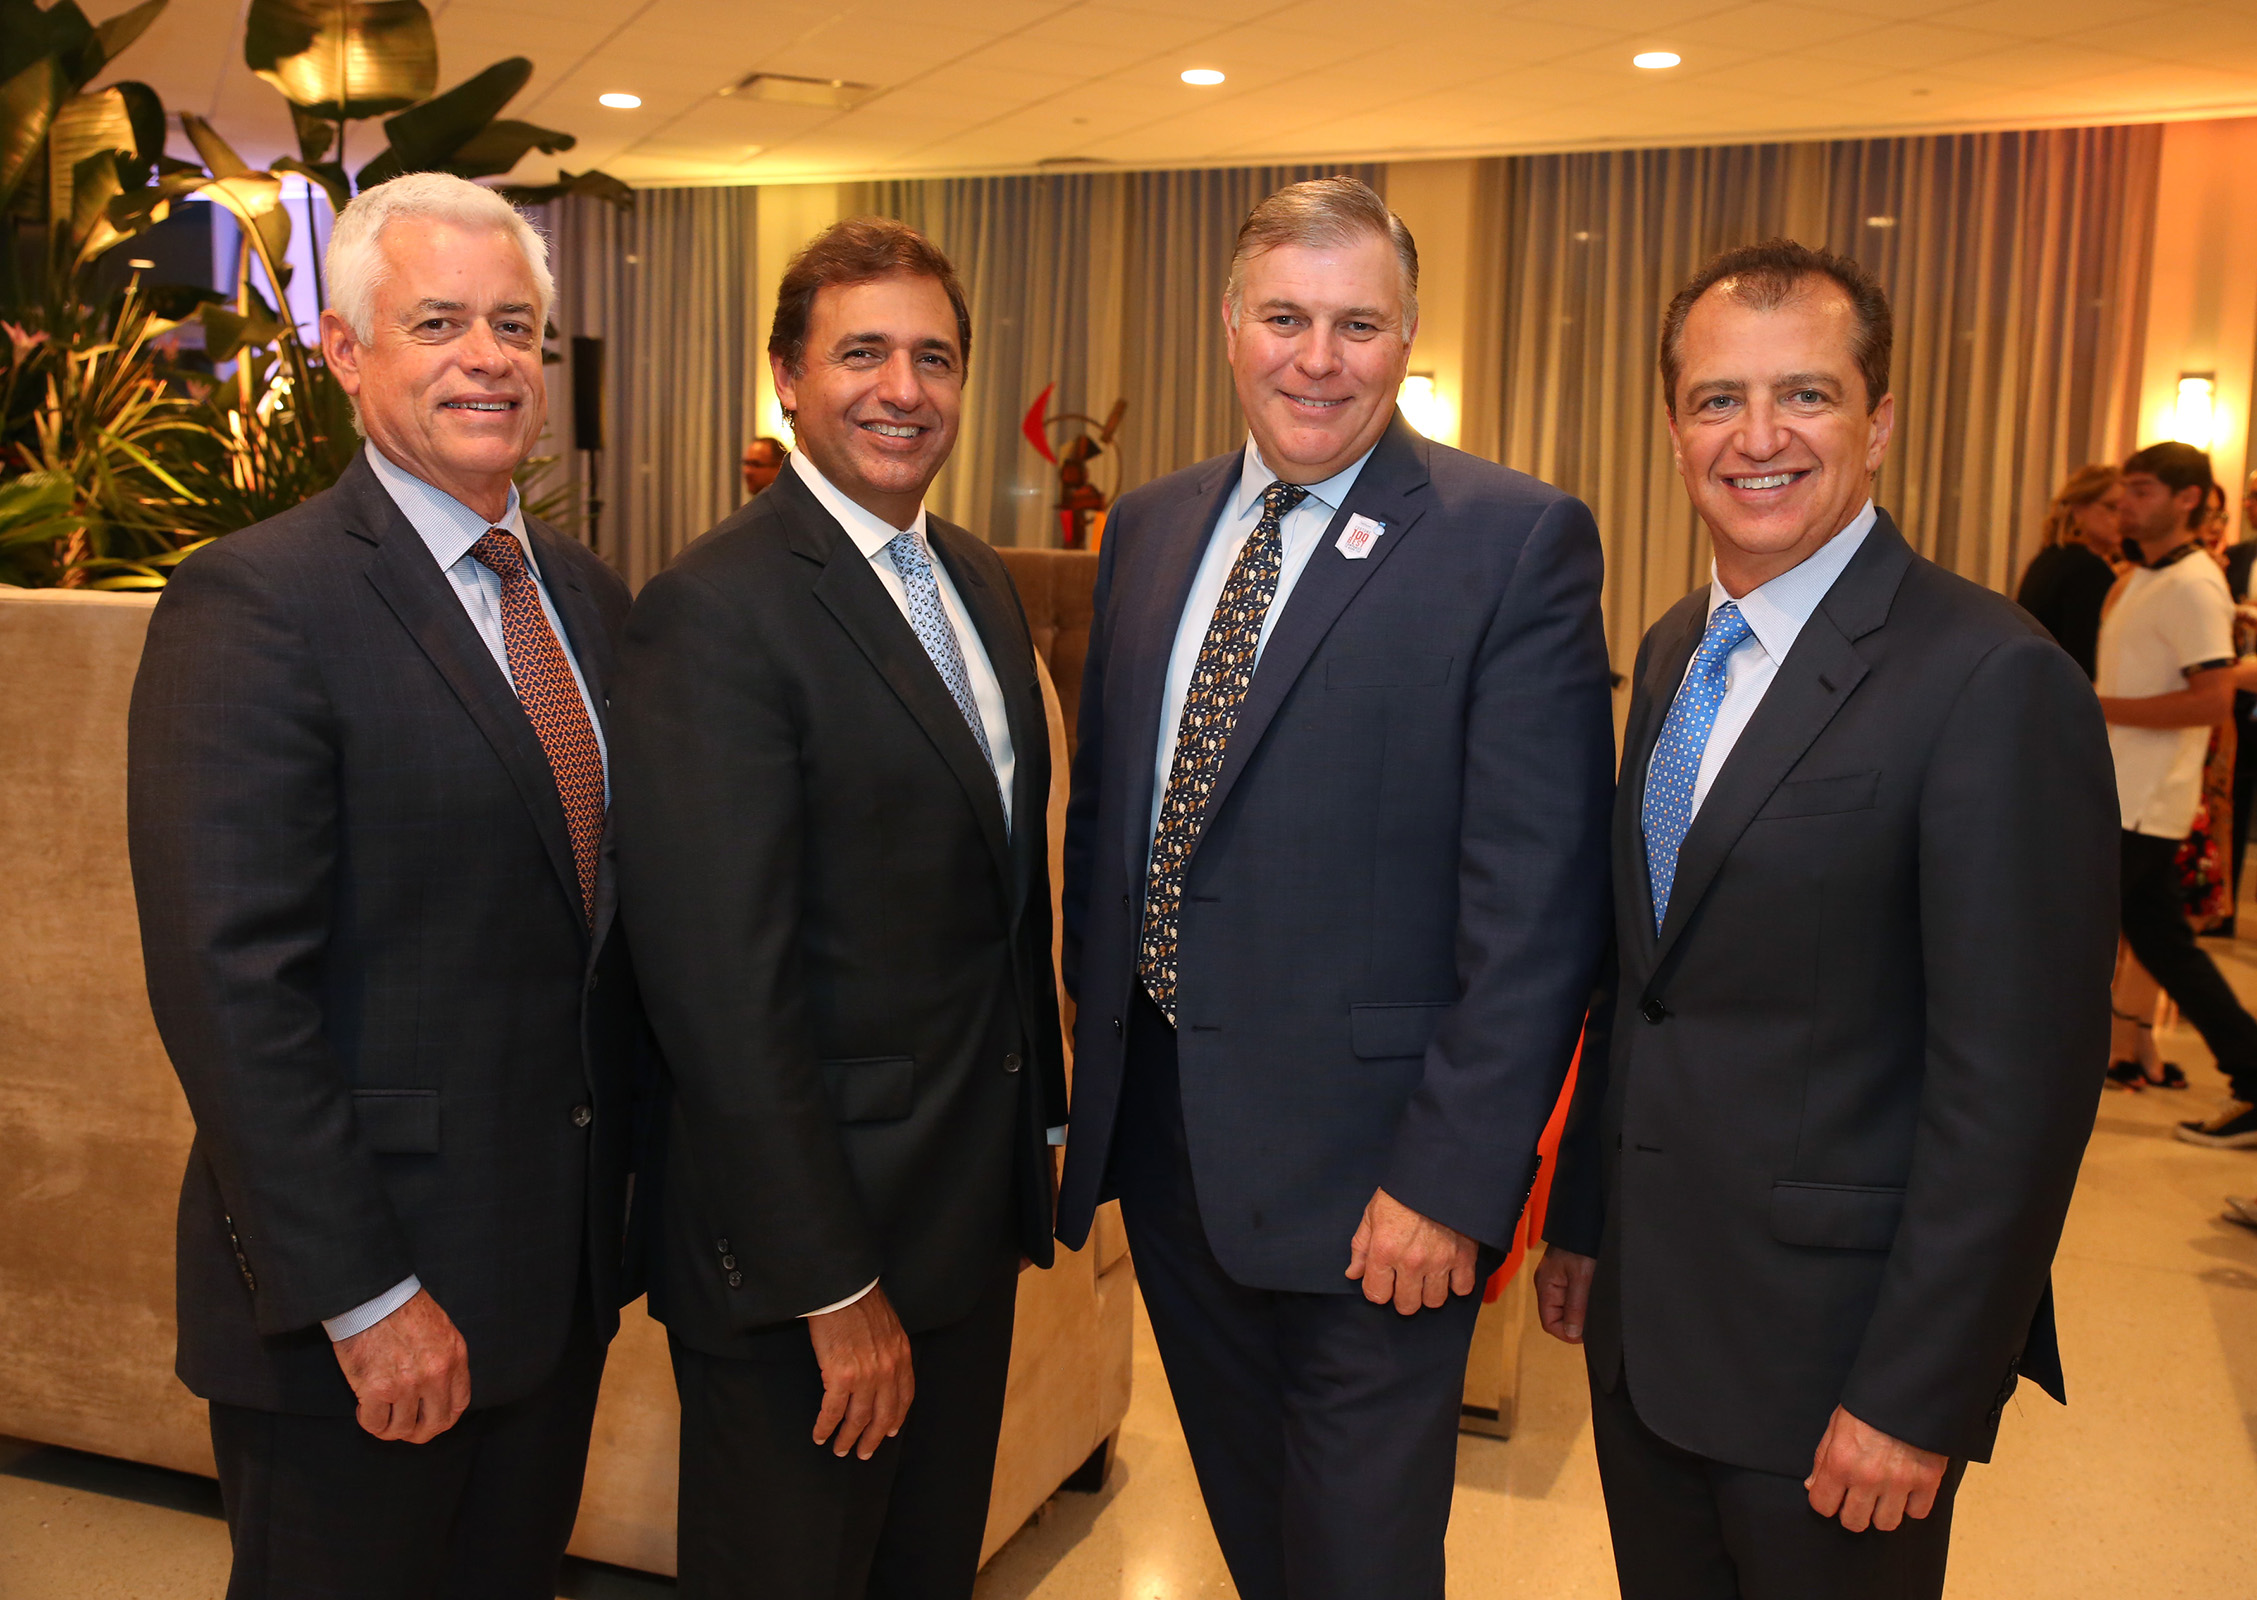 Keith Camplet, Michael Dean, Danny Hughes y Paul Ades.